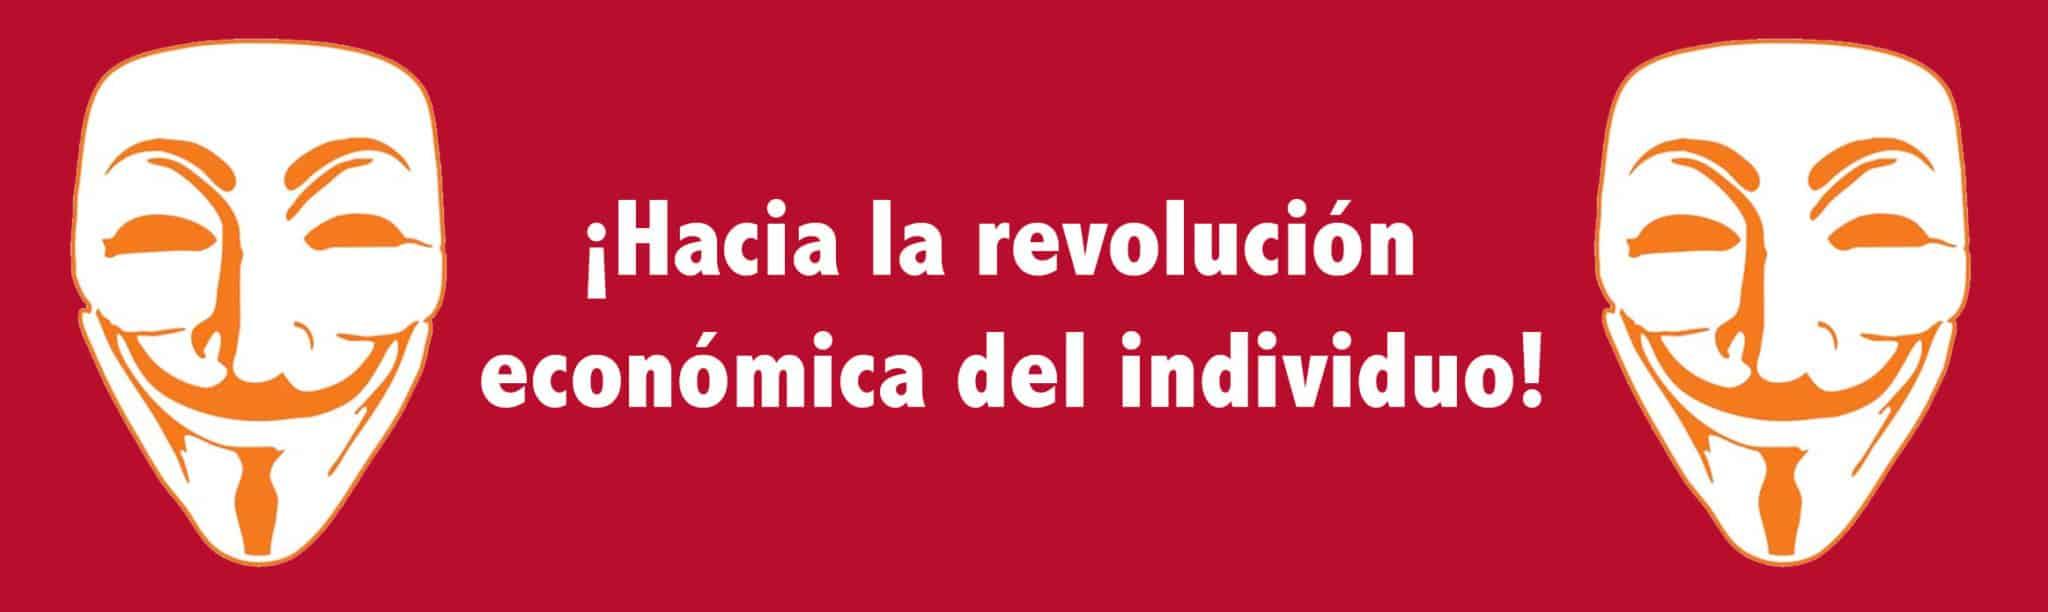 revolución económica